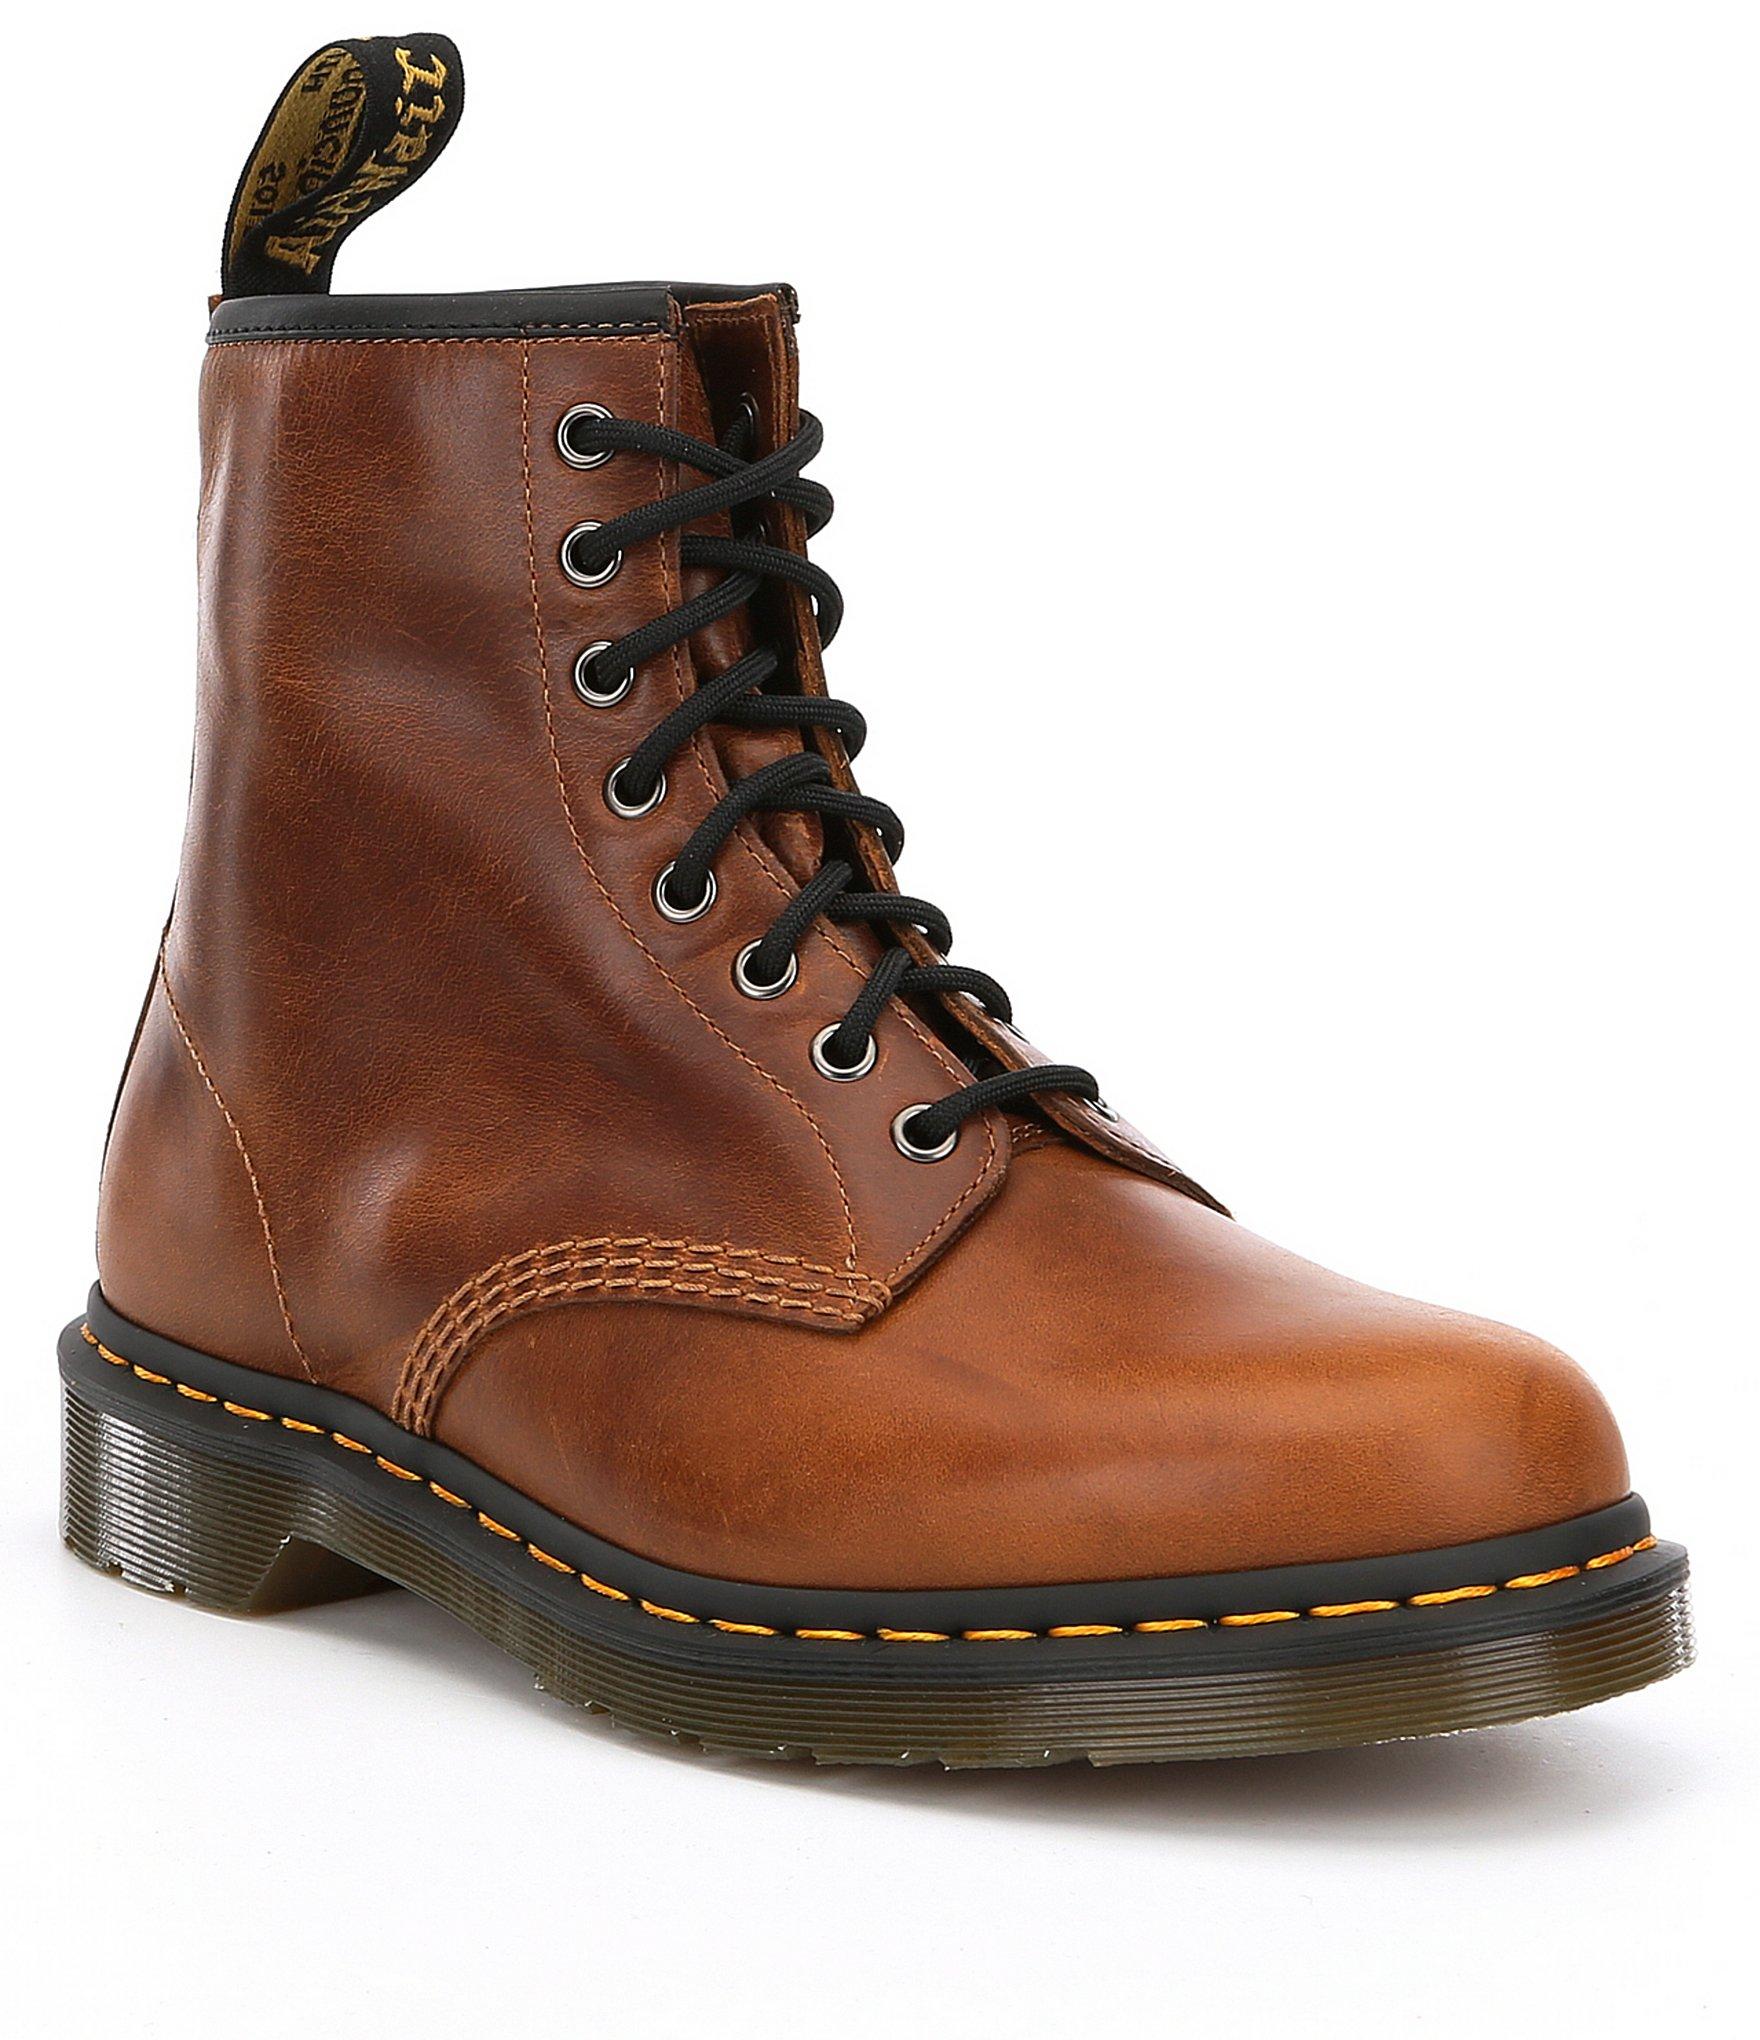 Doc Marten Boots Mens | Cheap Dr Martens | Doc Martens Womens Boots